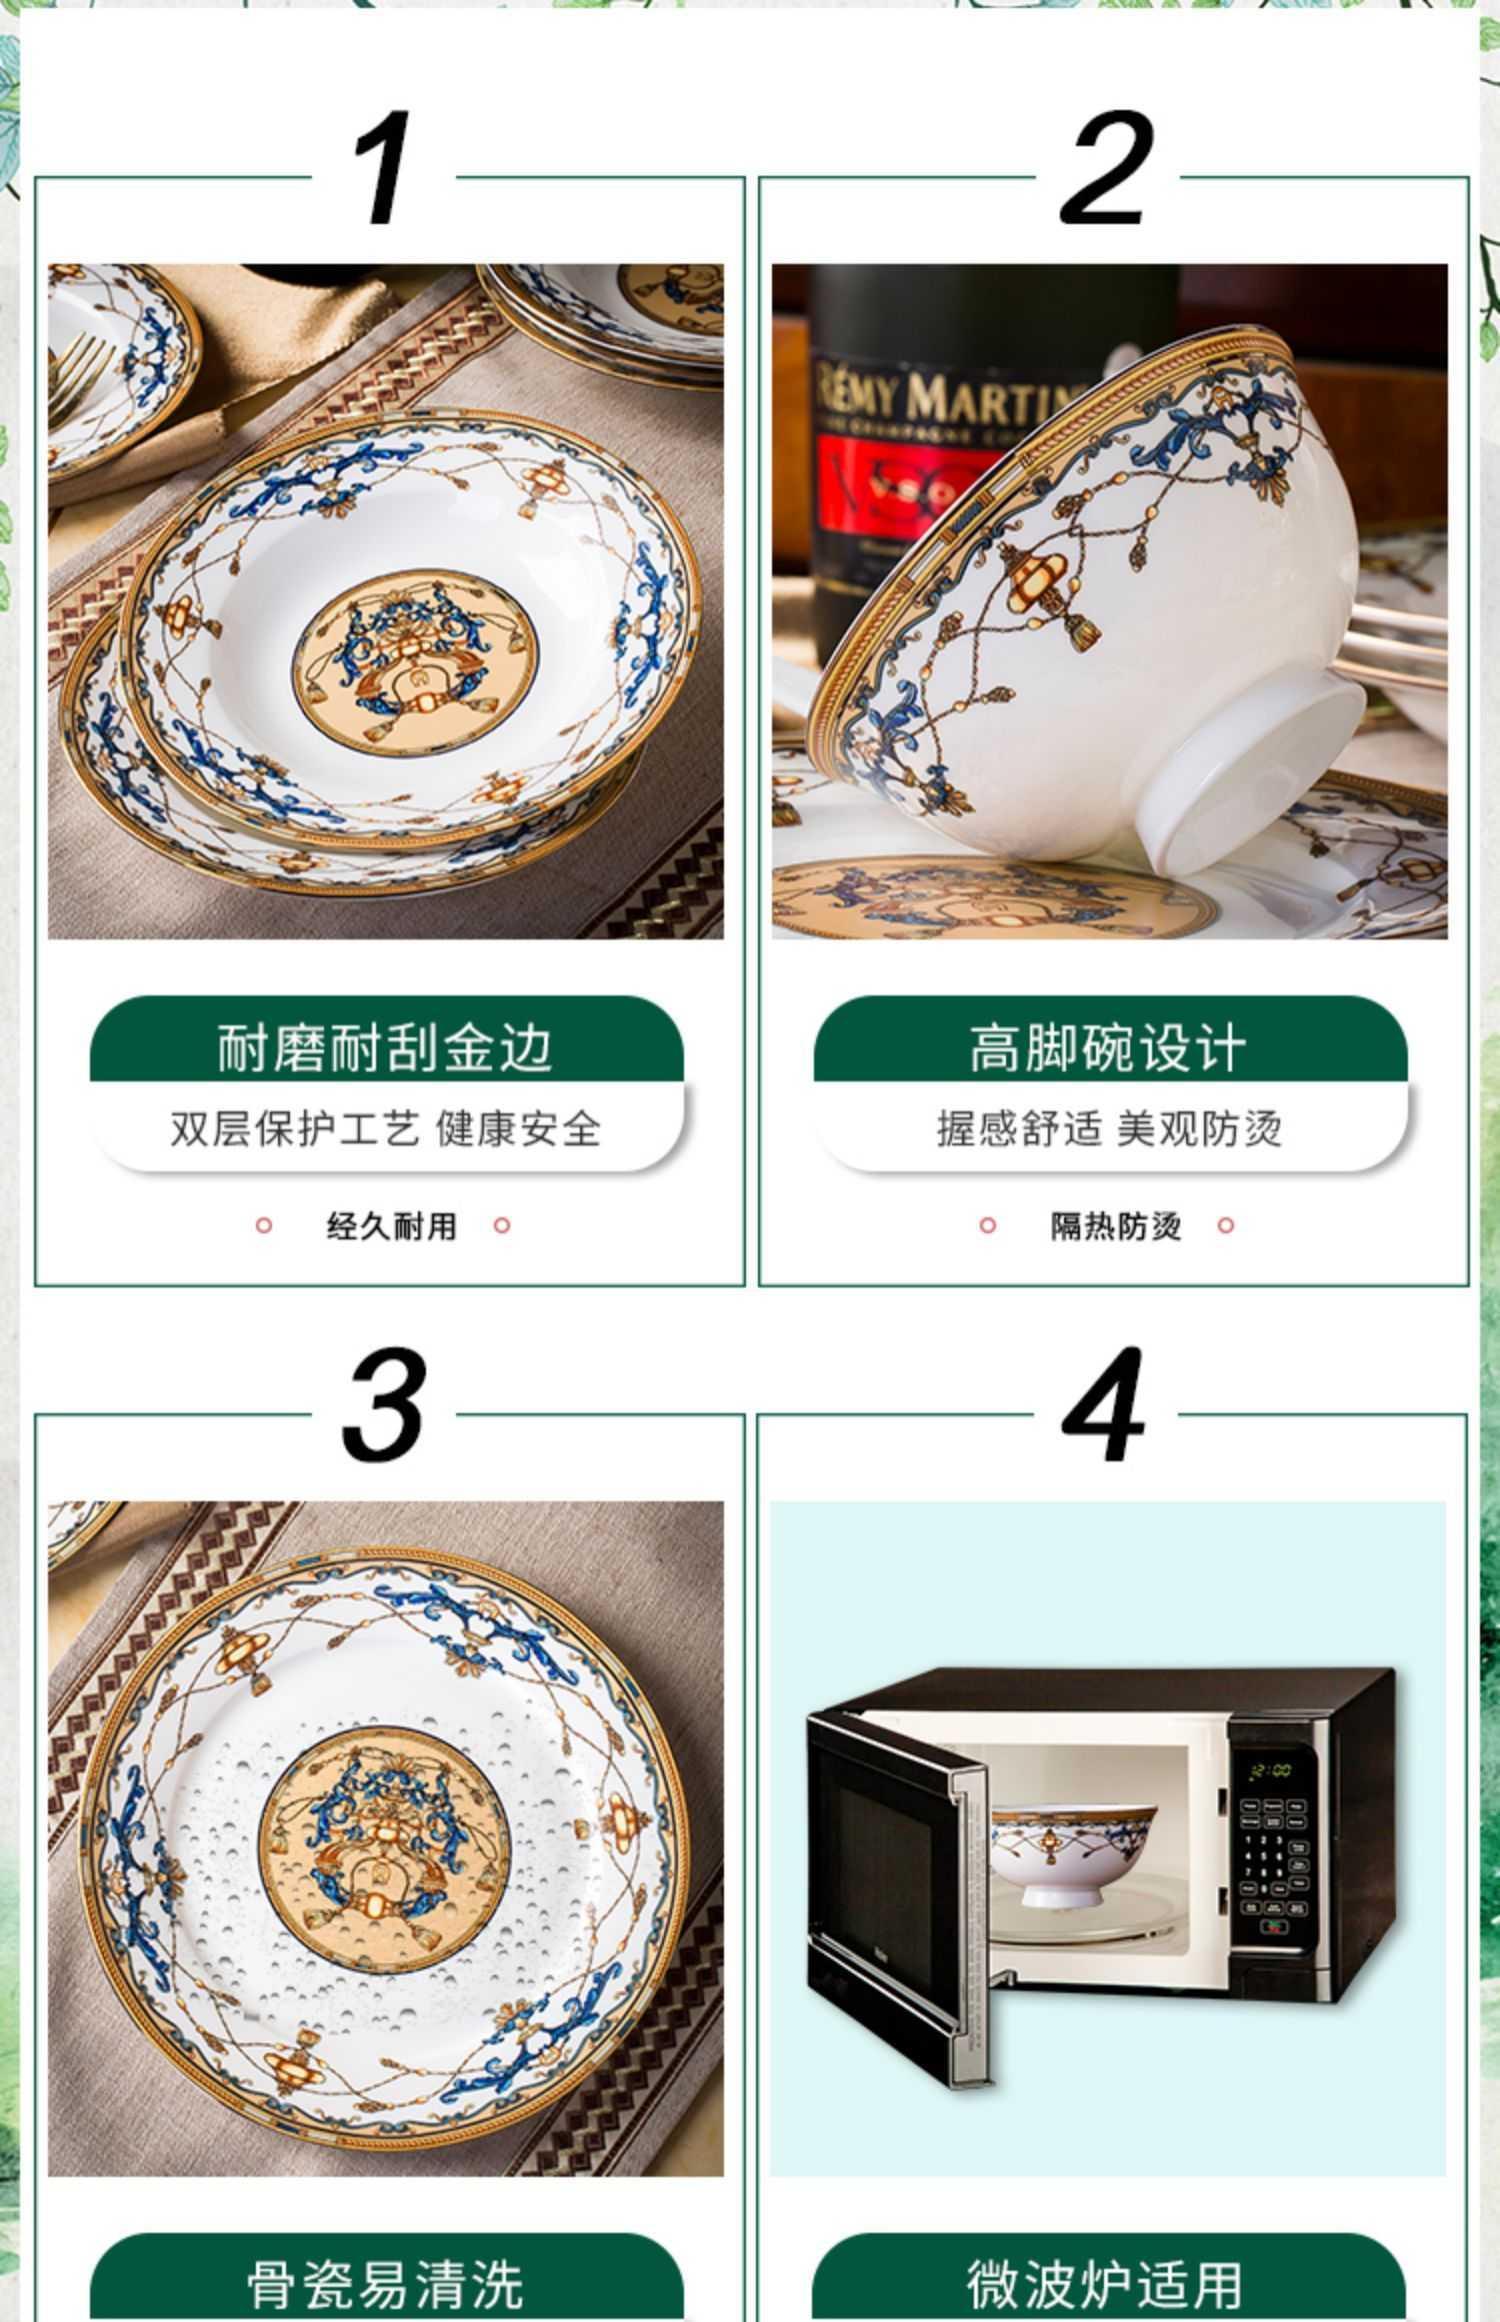 碗碟套装骨瓷碗盘陶餐具瓷器家用碗盘碟中式景德镇盘子碗组合清新